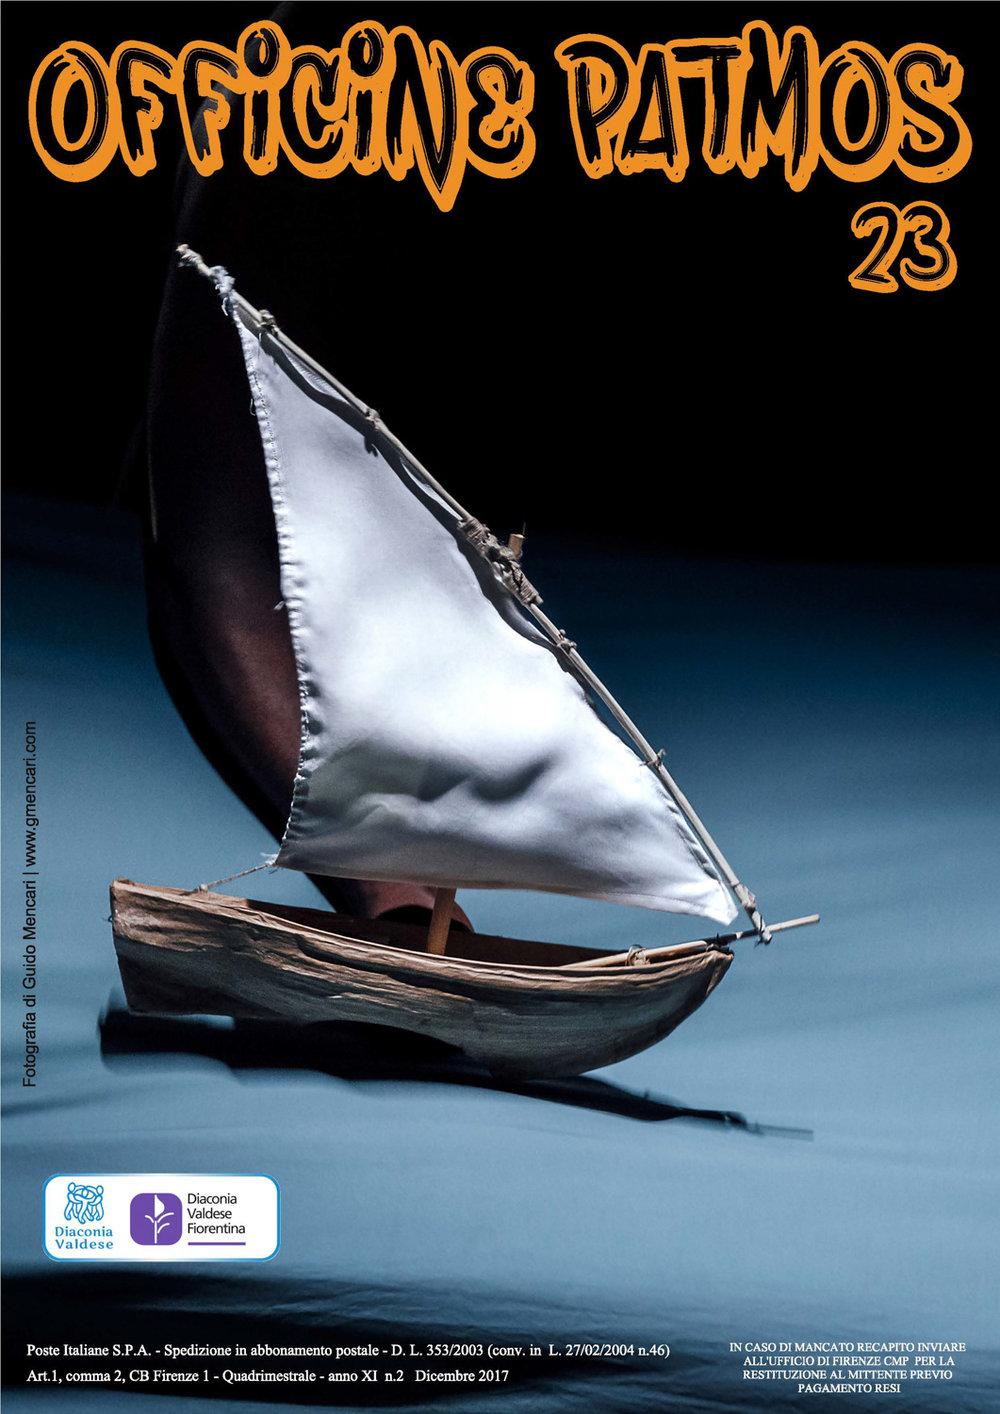 MigrAzioni#Scandicci Zaches Teatro | Sandokan    Magazine cover   Officine Patmos, 2017